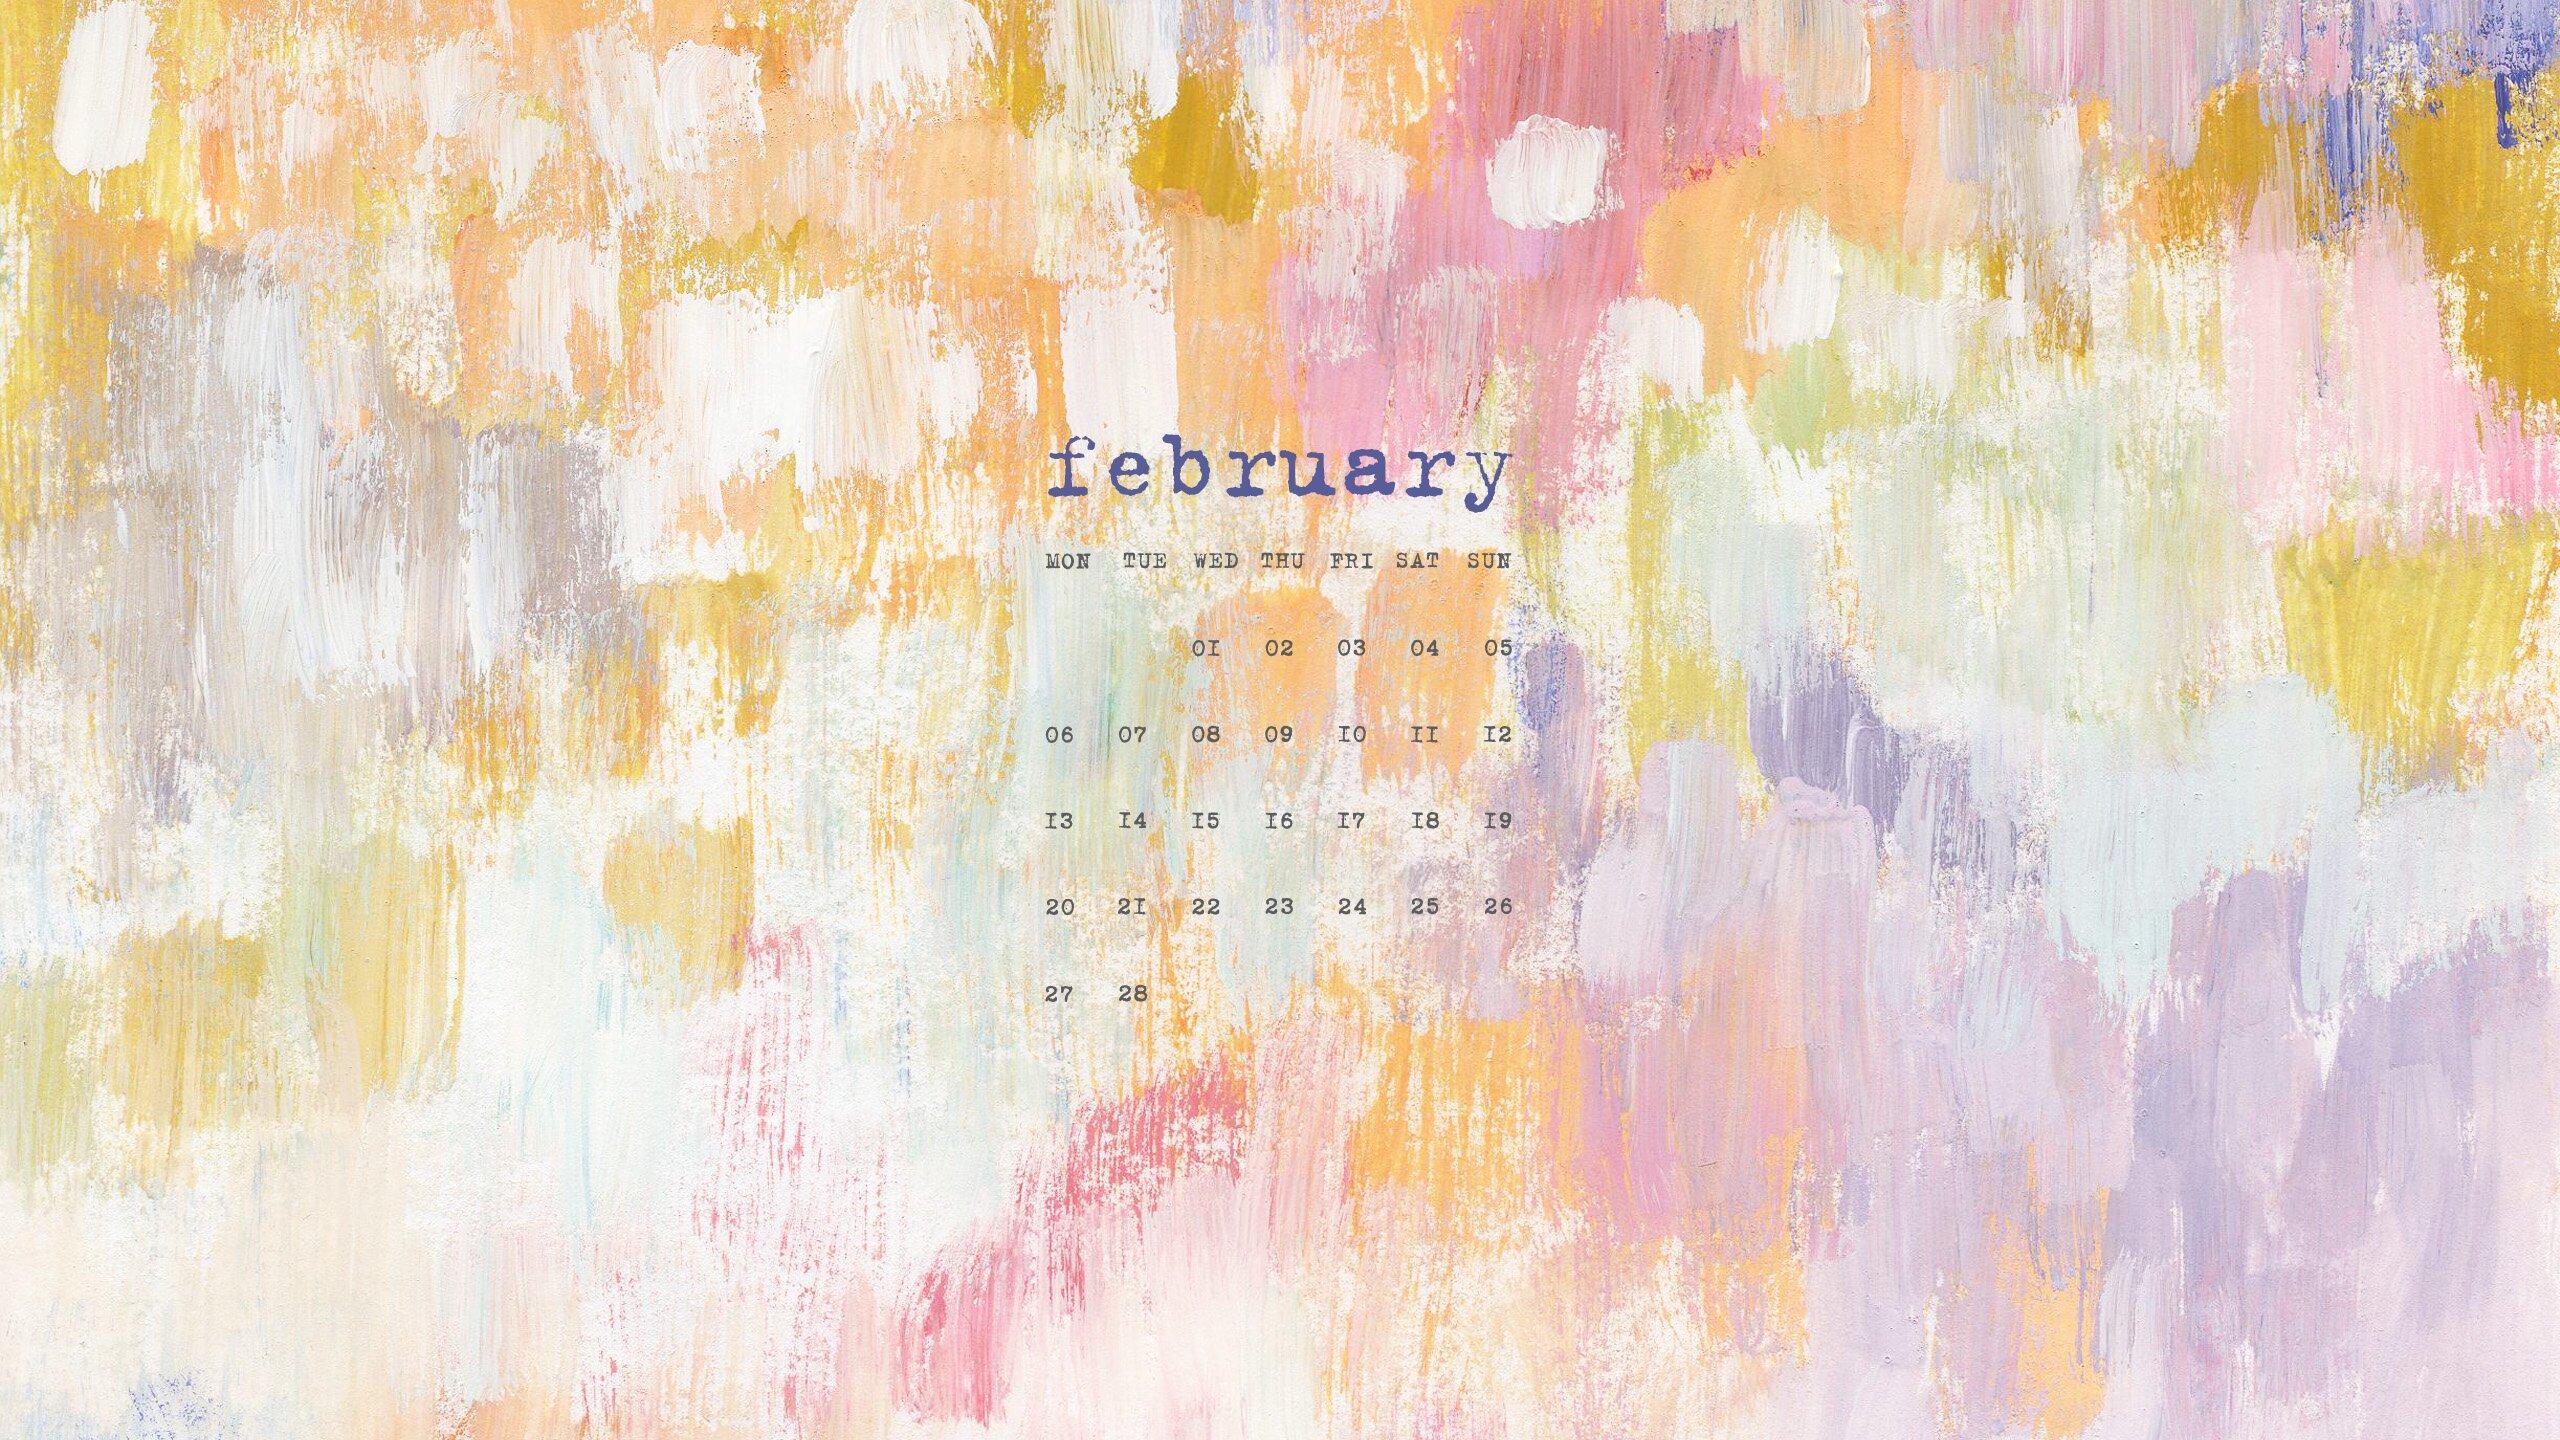 february-2017-wallpaper-01